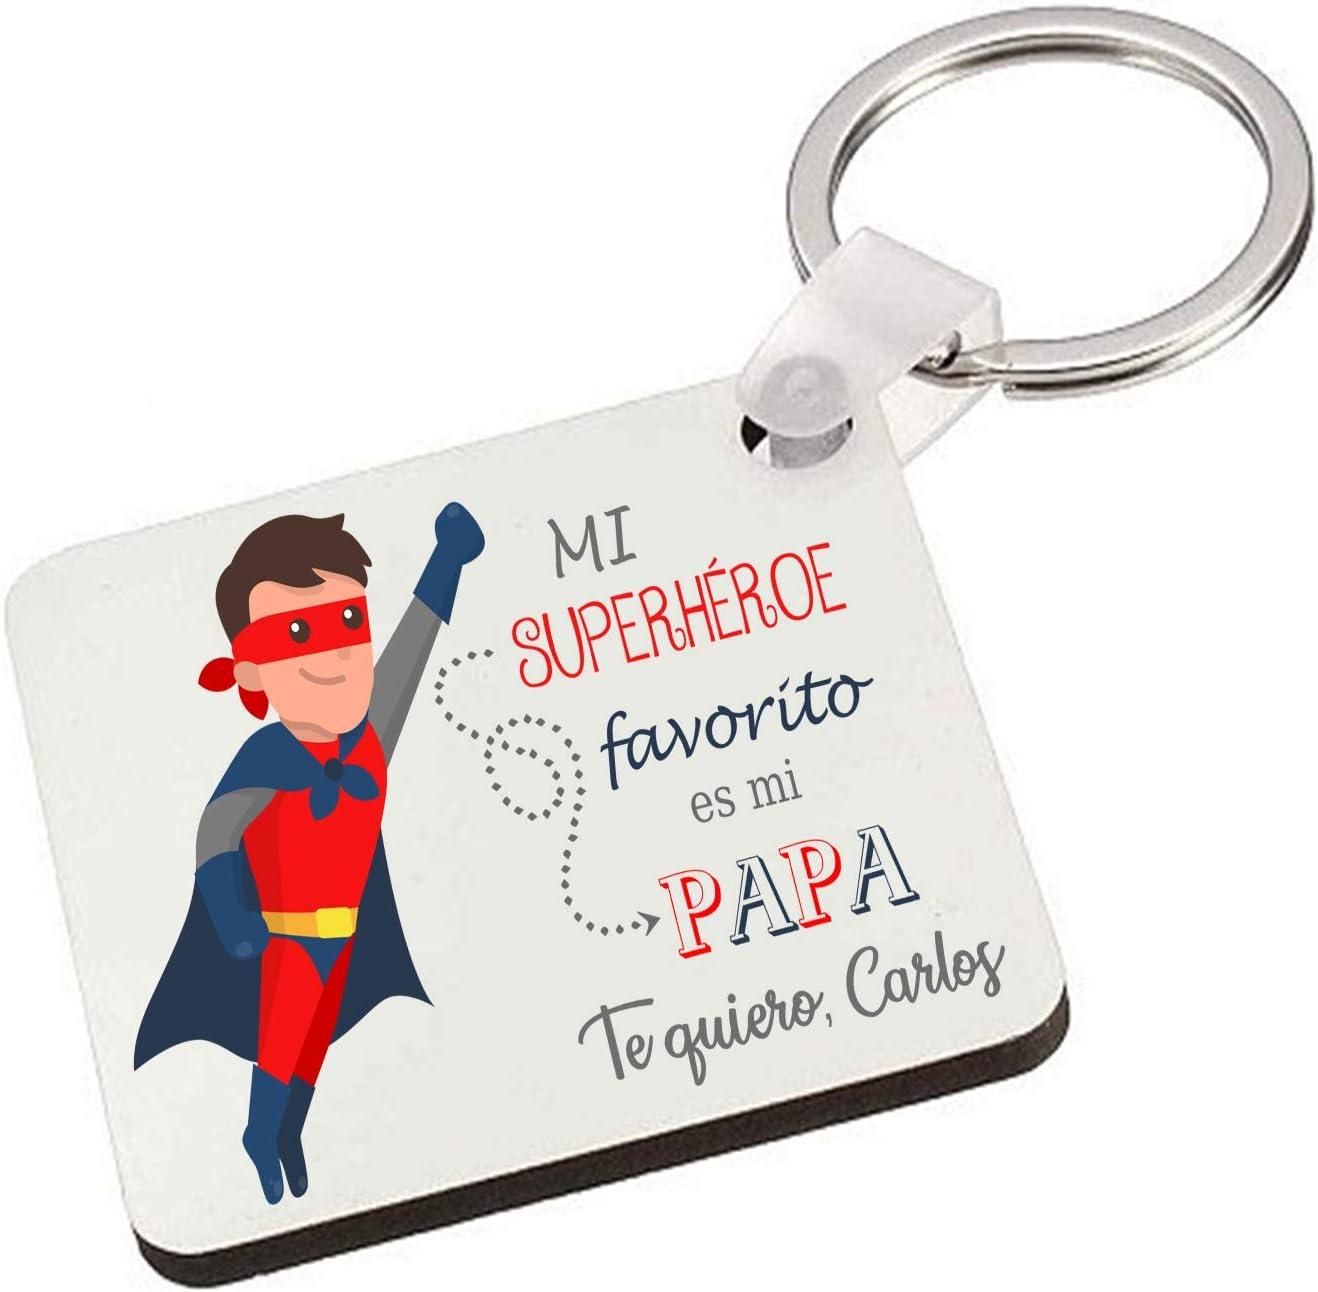 Kembilove Llavero para Padre Personalizado – Llavero Personalizado Cuadrado Mi Superheroe Favorito es mi Papá – Llavero Original para Regalar el día del Padre, Cumpleaños